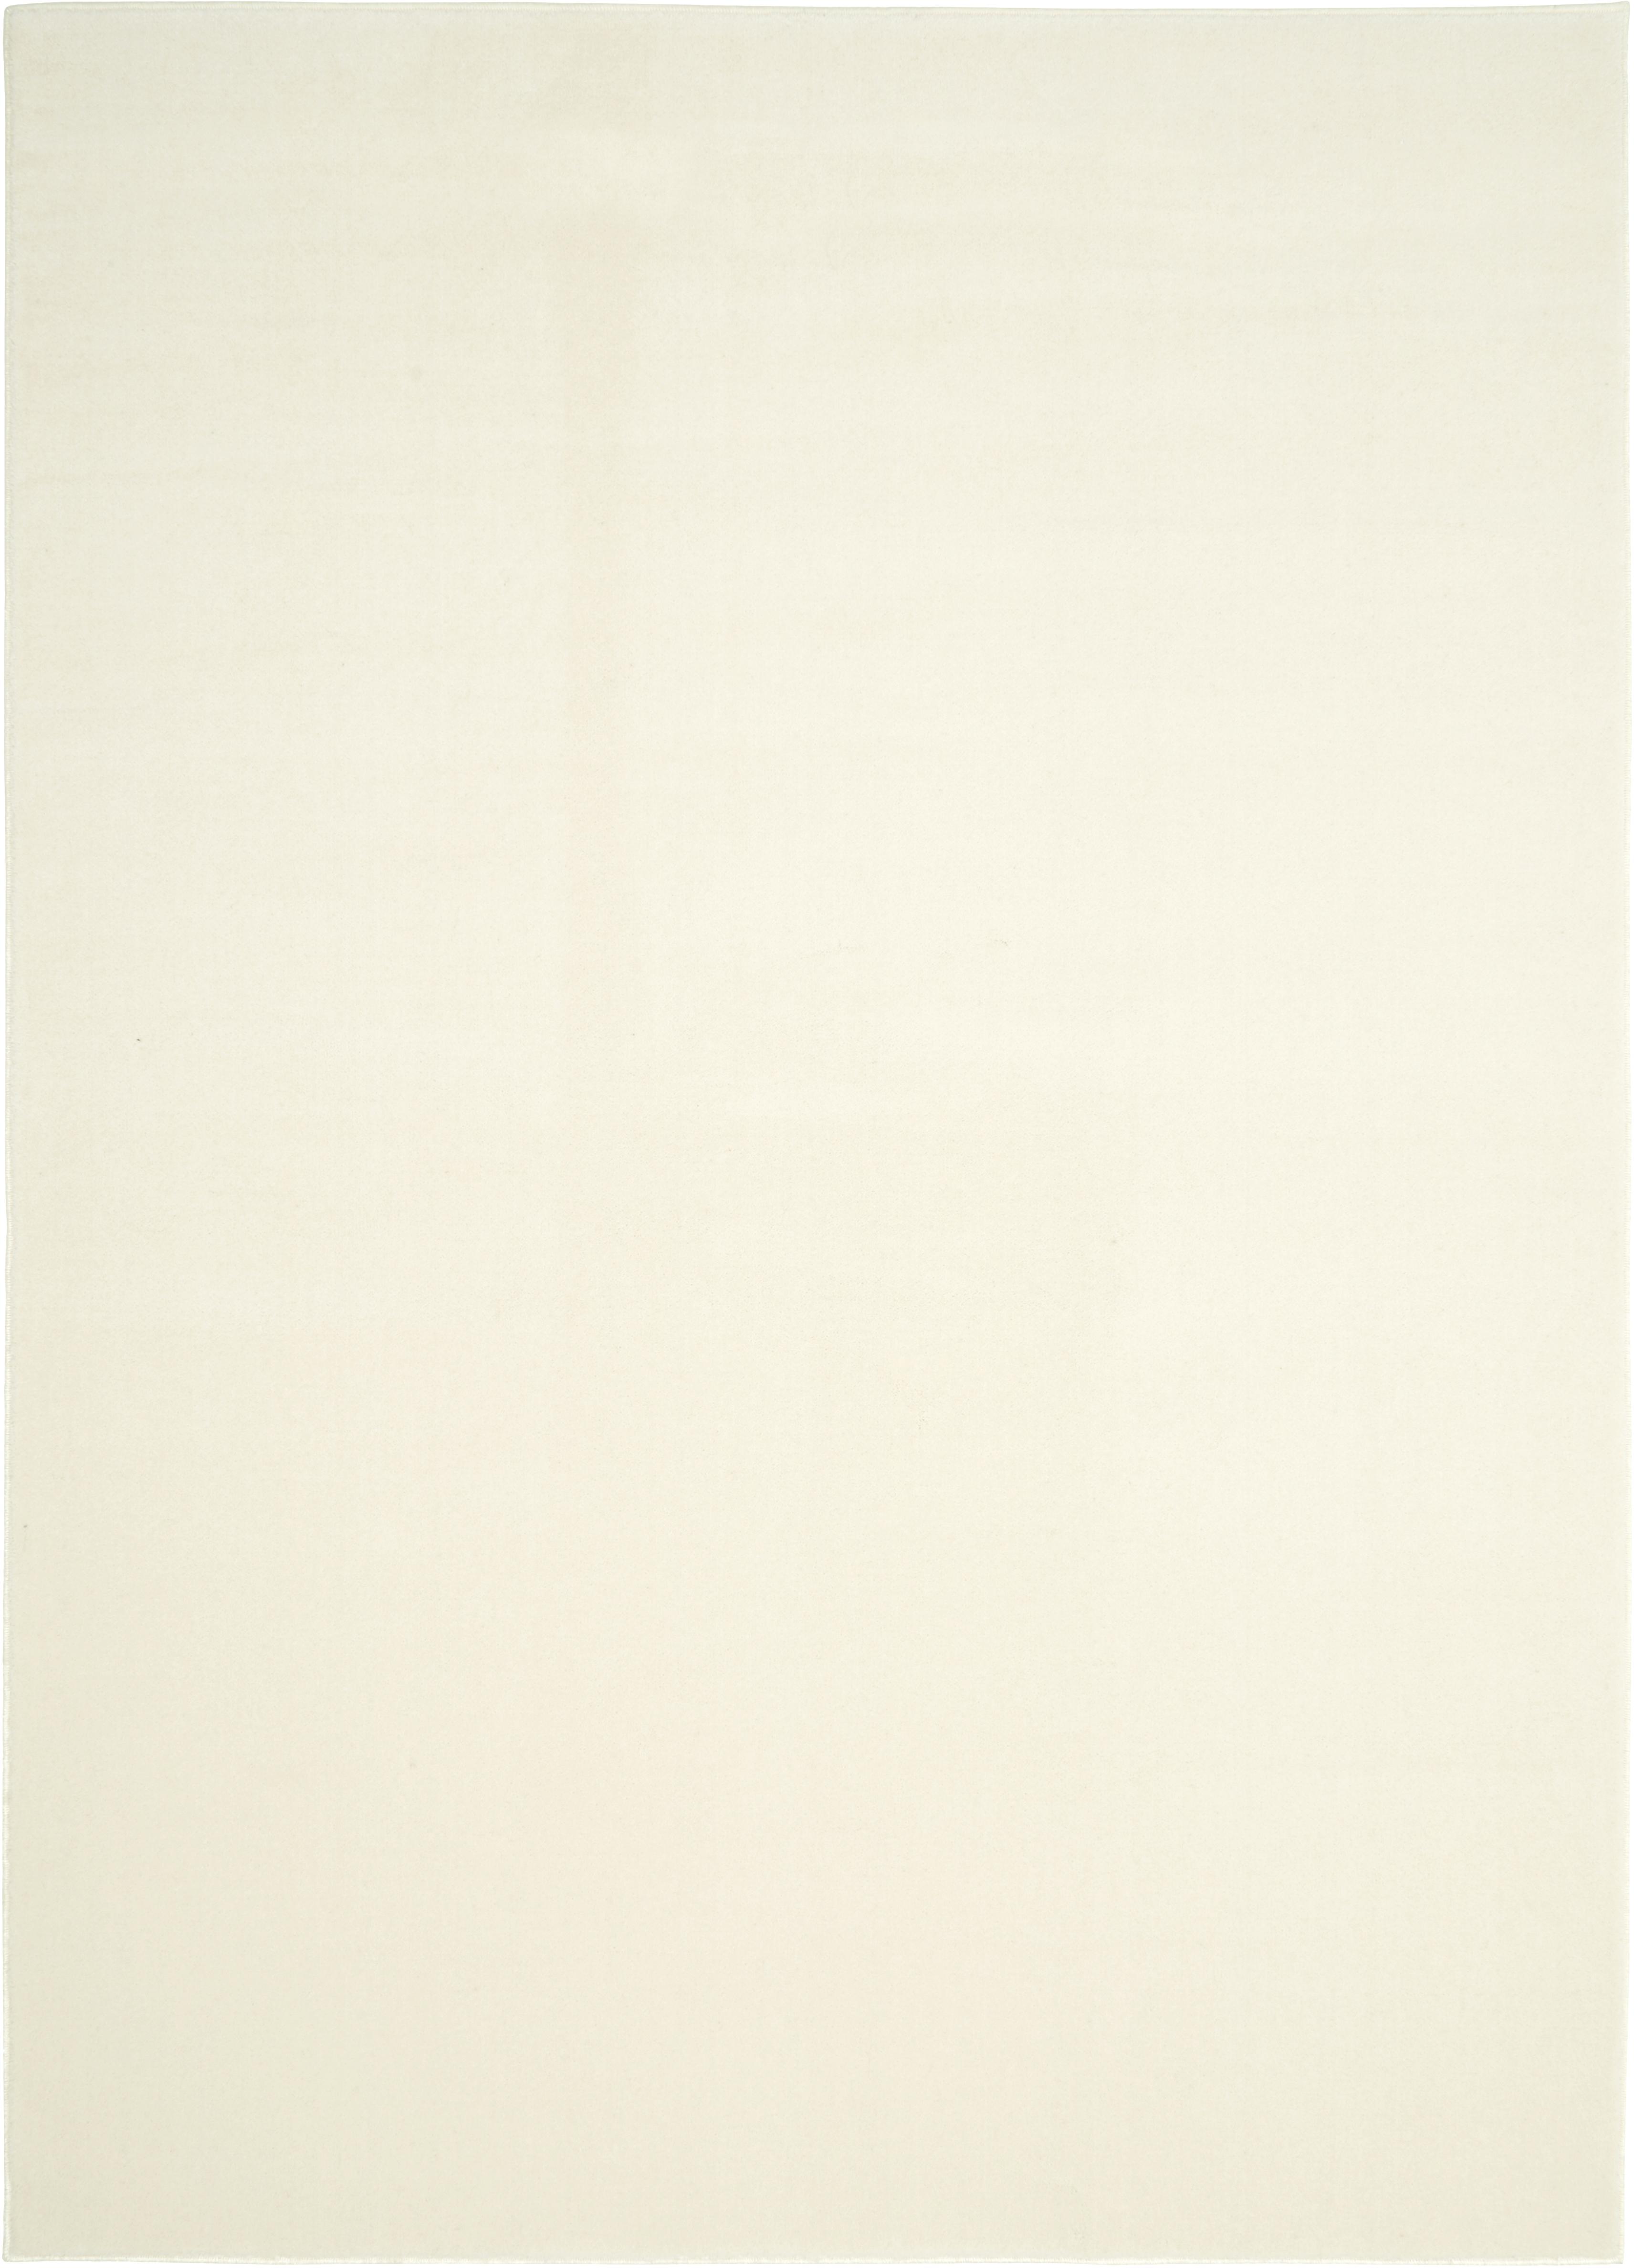 Chodnik z wełny Ida, Beżowy, S 160 x D 230 cm (Rozmiar M)